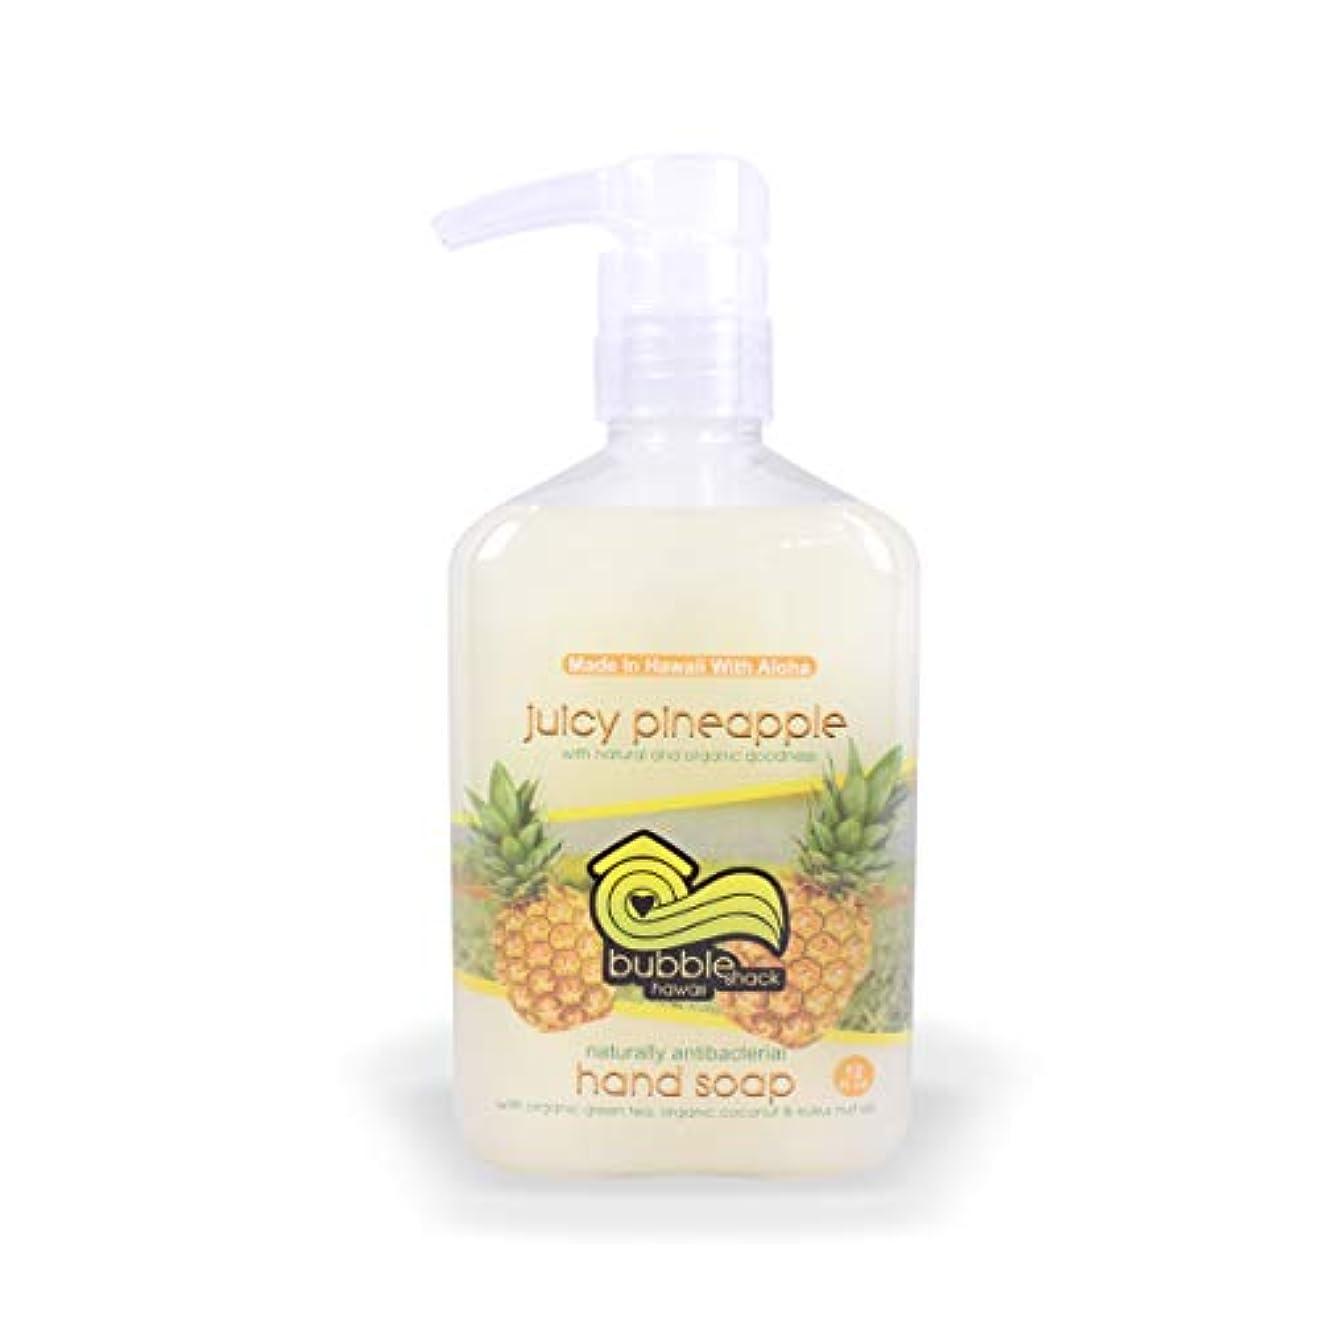 緯度ウサギ伝記【正規輸入品】 バブルシャック?ハワイ Bubble shack Hand Soap ハンドソープ juicy pineapple ジューシーパイナップル 340ml